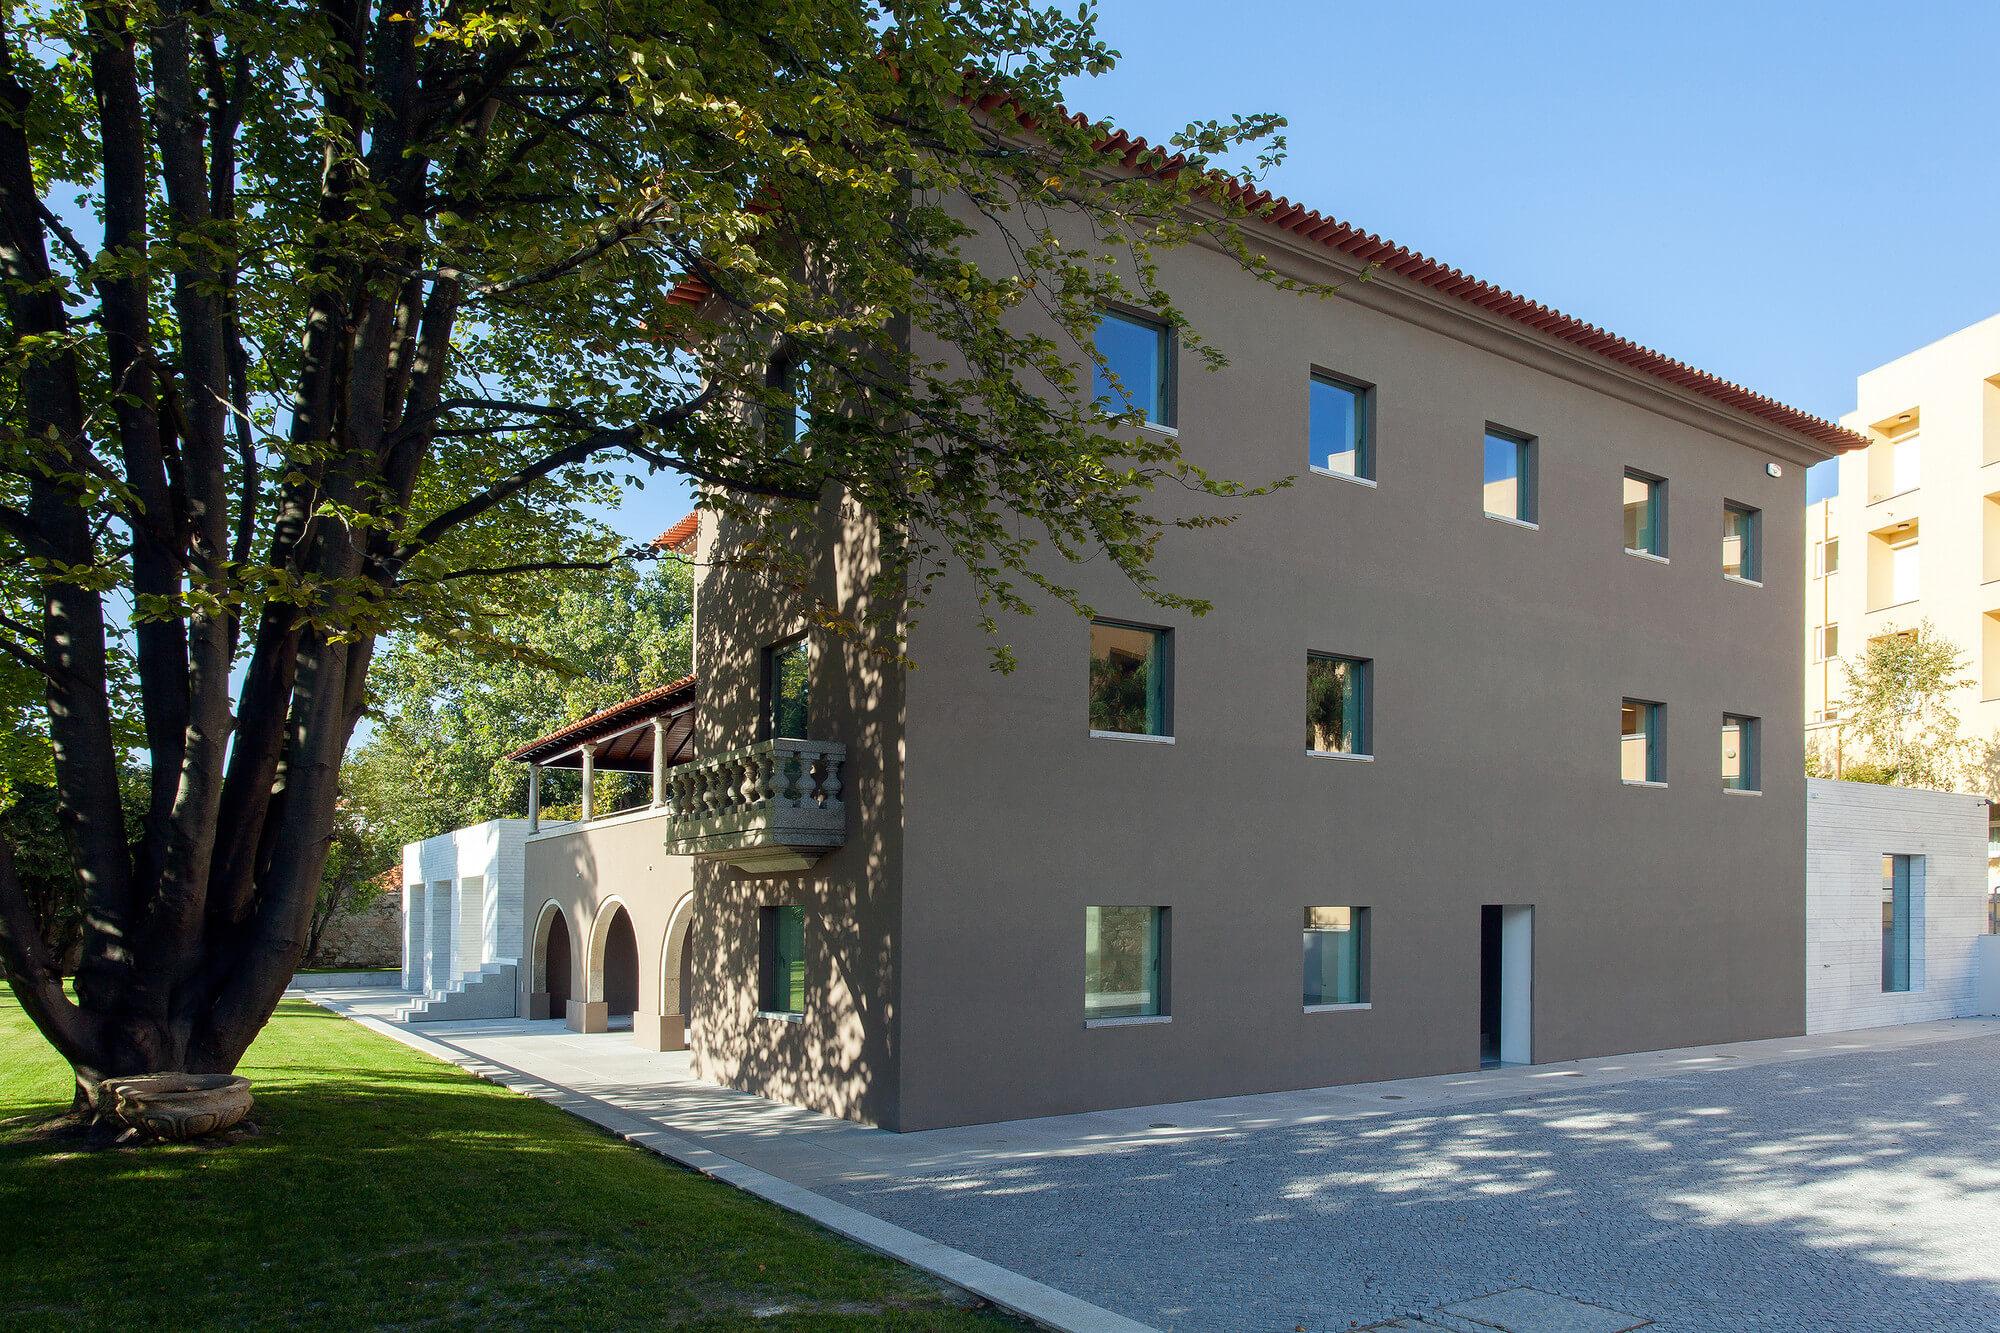 Centro Social Luz Soriano